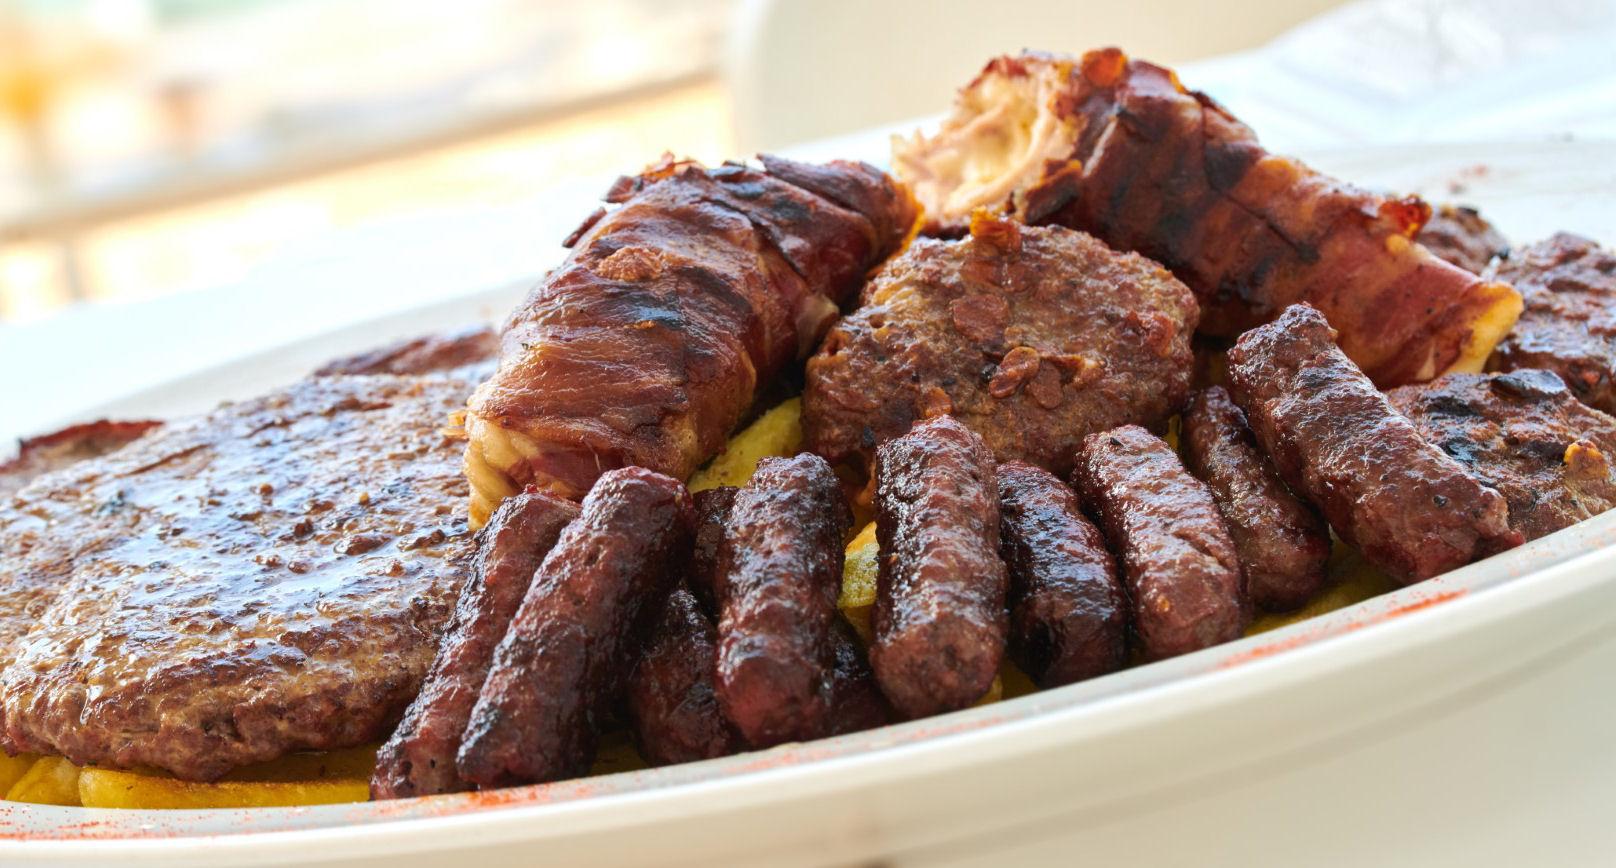 Macumba Grill / Jela sa roštilja, Mareda - Novigrad - Umag, Istra